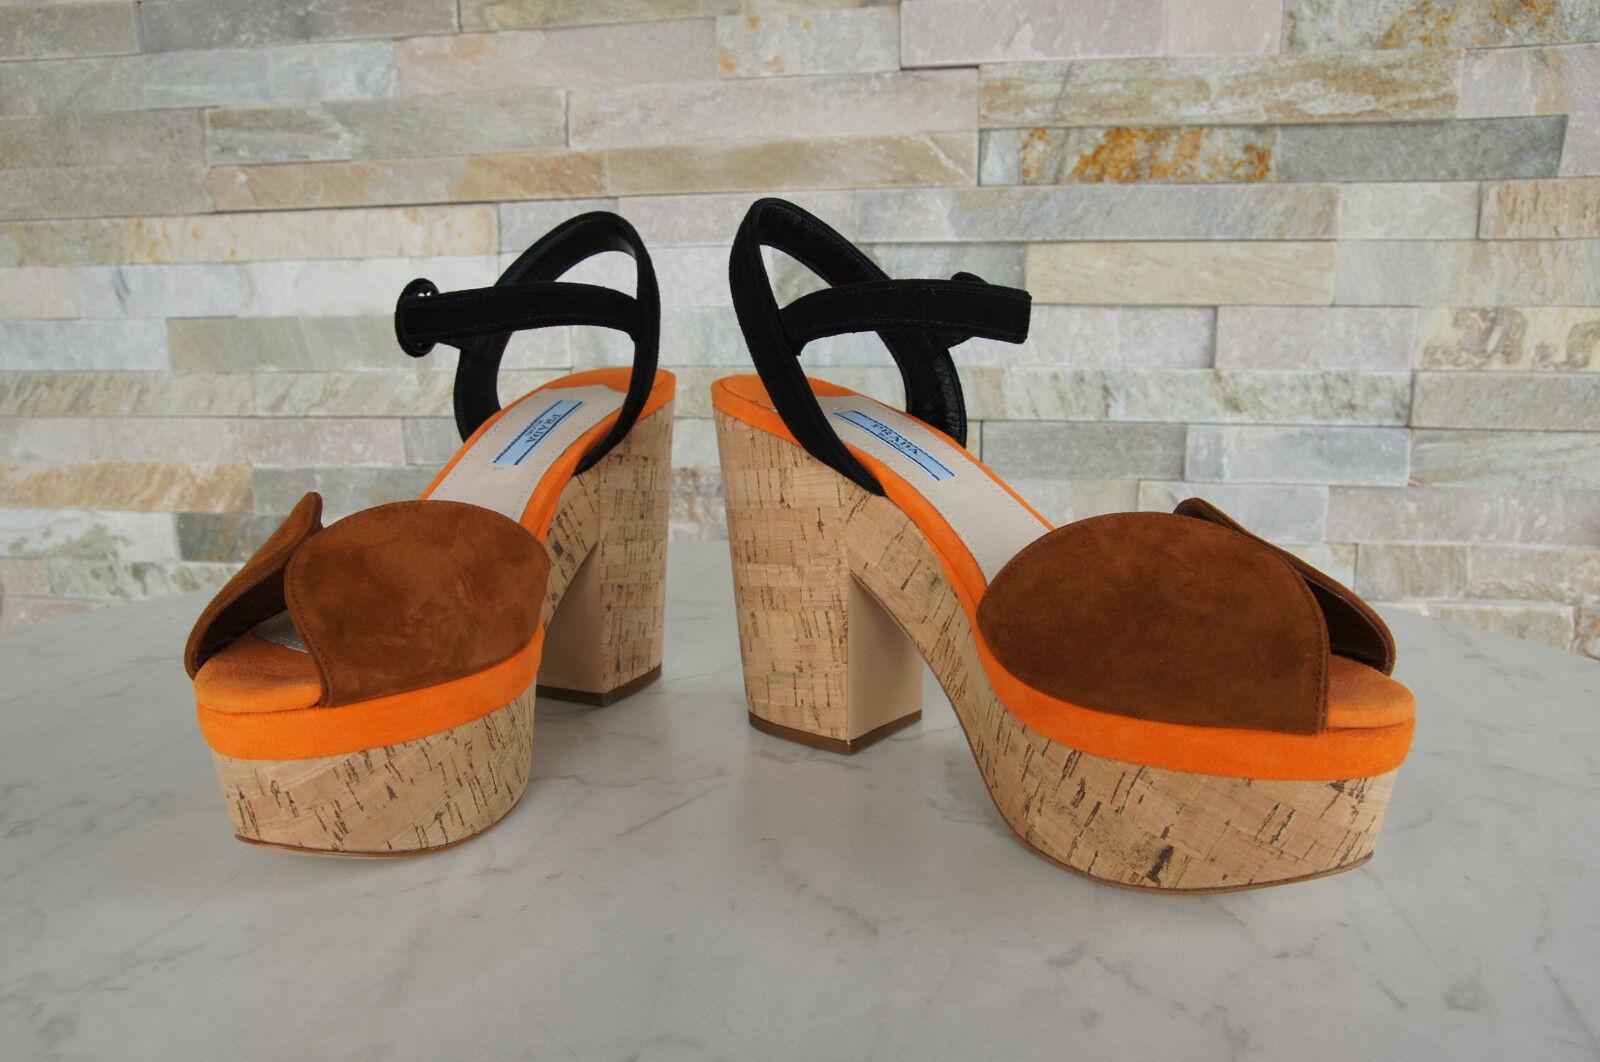 PRADA Plateau Gr 39 Sandaletten Kork Heels Heels Heels 1XZ519 Schuhe Schuhes  neu 1d10c6